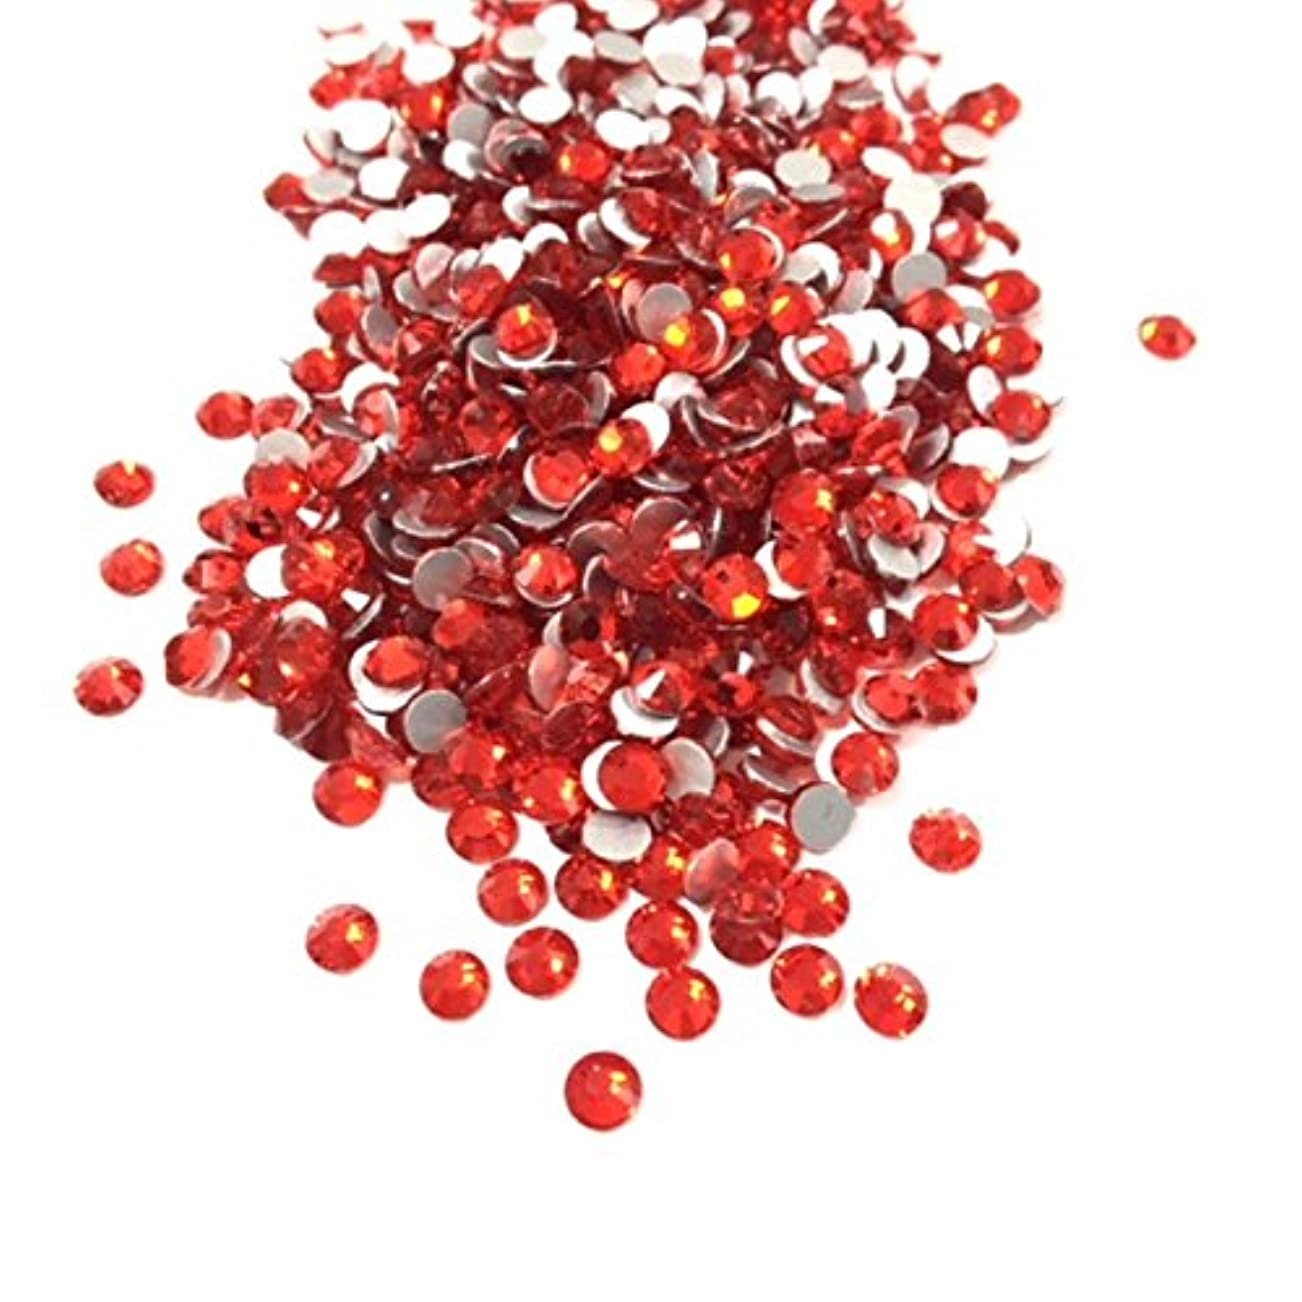 魔術適応的ピザ【ネイルウーマン】最高品質ガラスストーン!スワロ同等の輝き! ライトシャム レッド 赤 (約100粒入り) (SS8, ライトシャム)